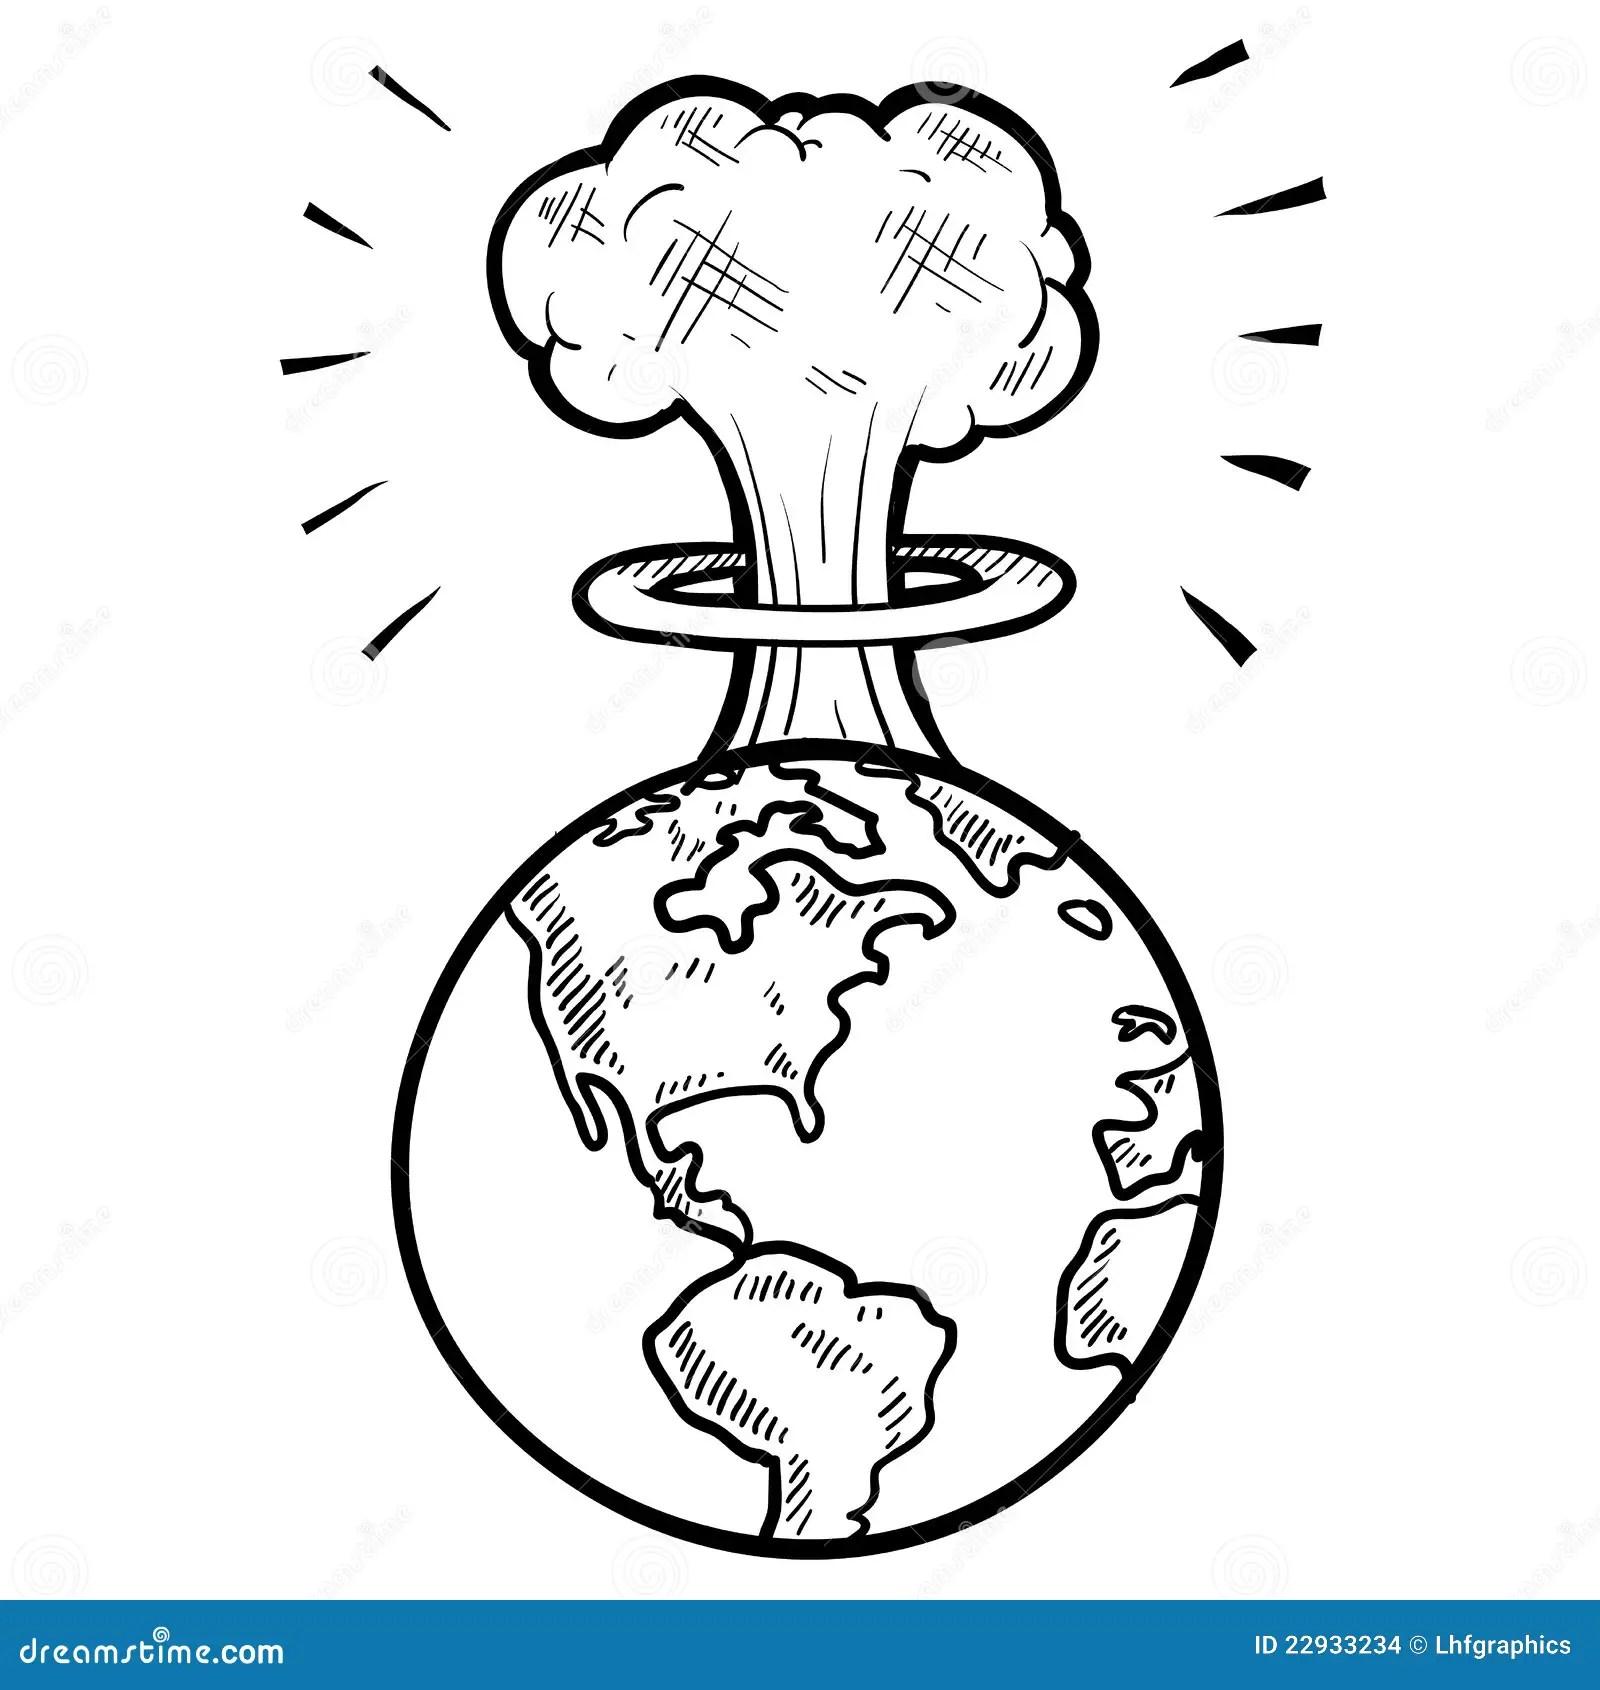 Mushroom Cloud Sketch Stock Vector Illustration Of